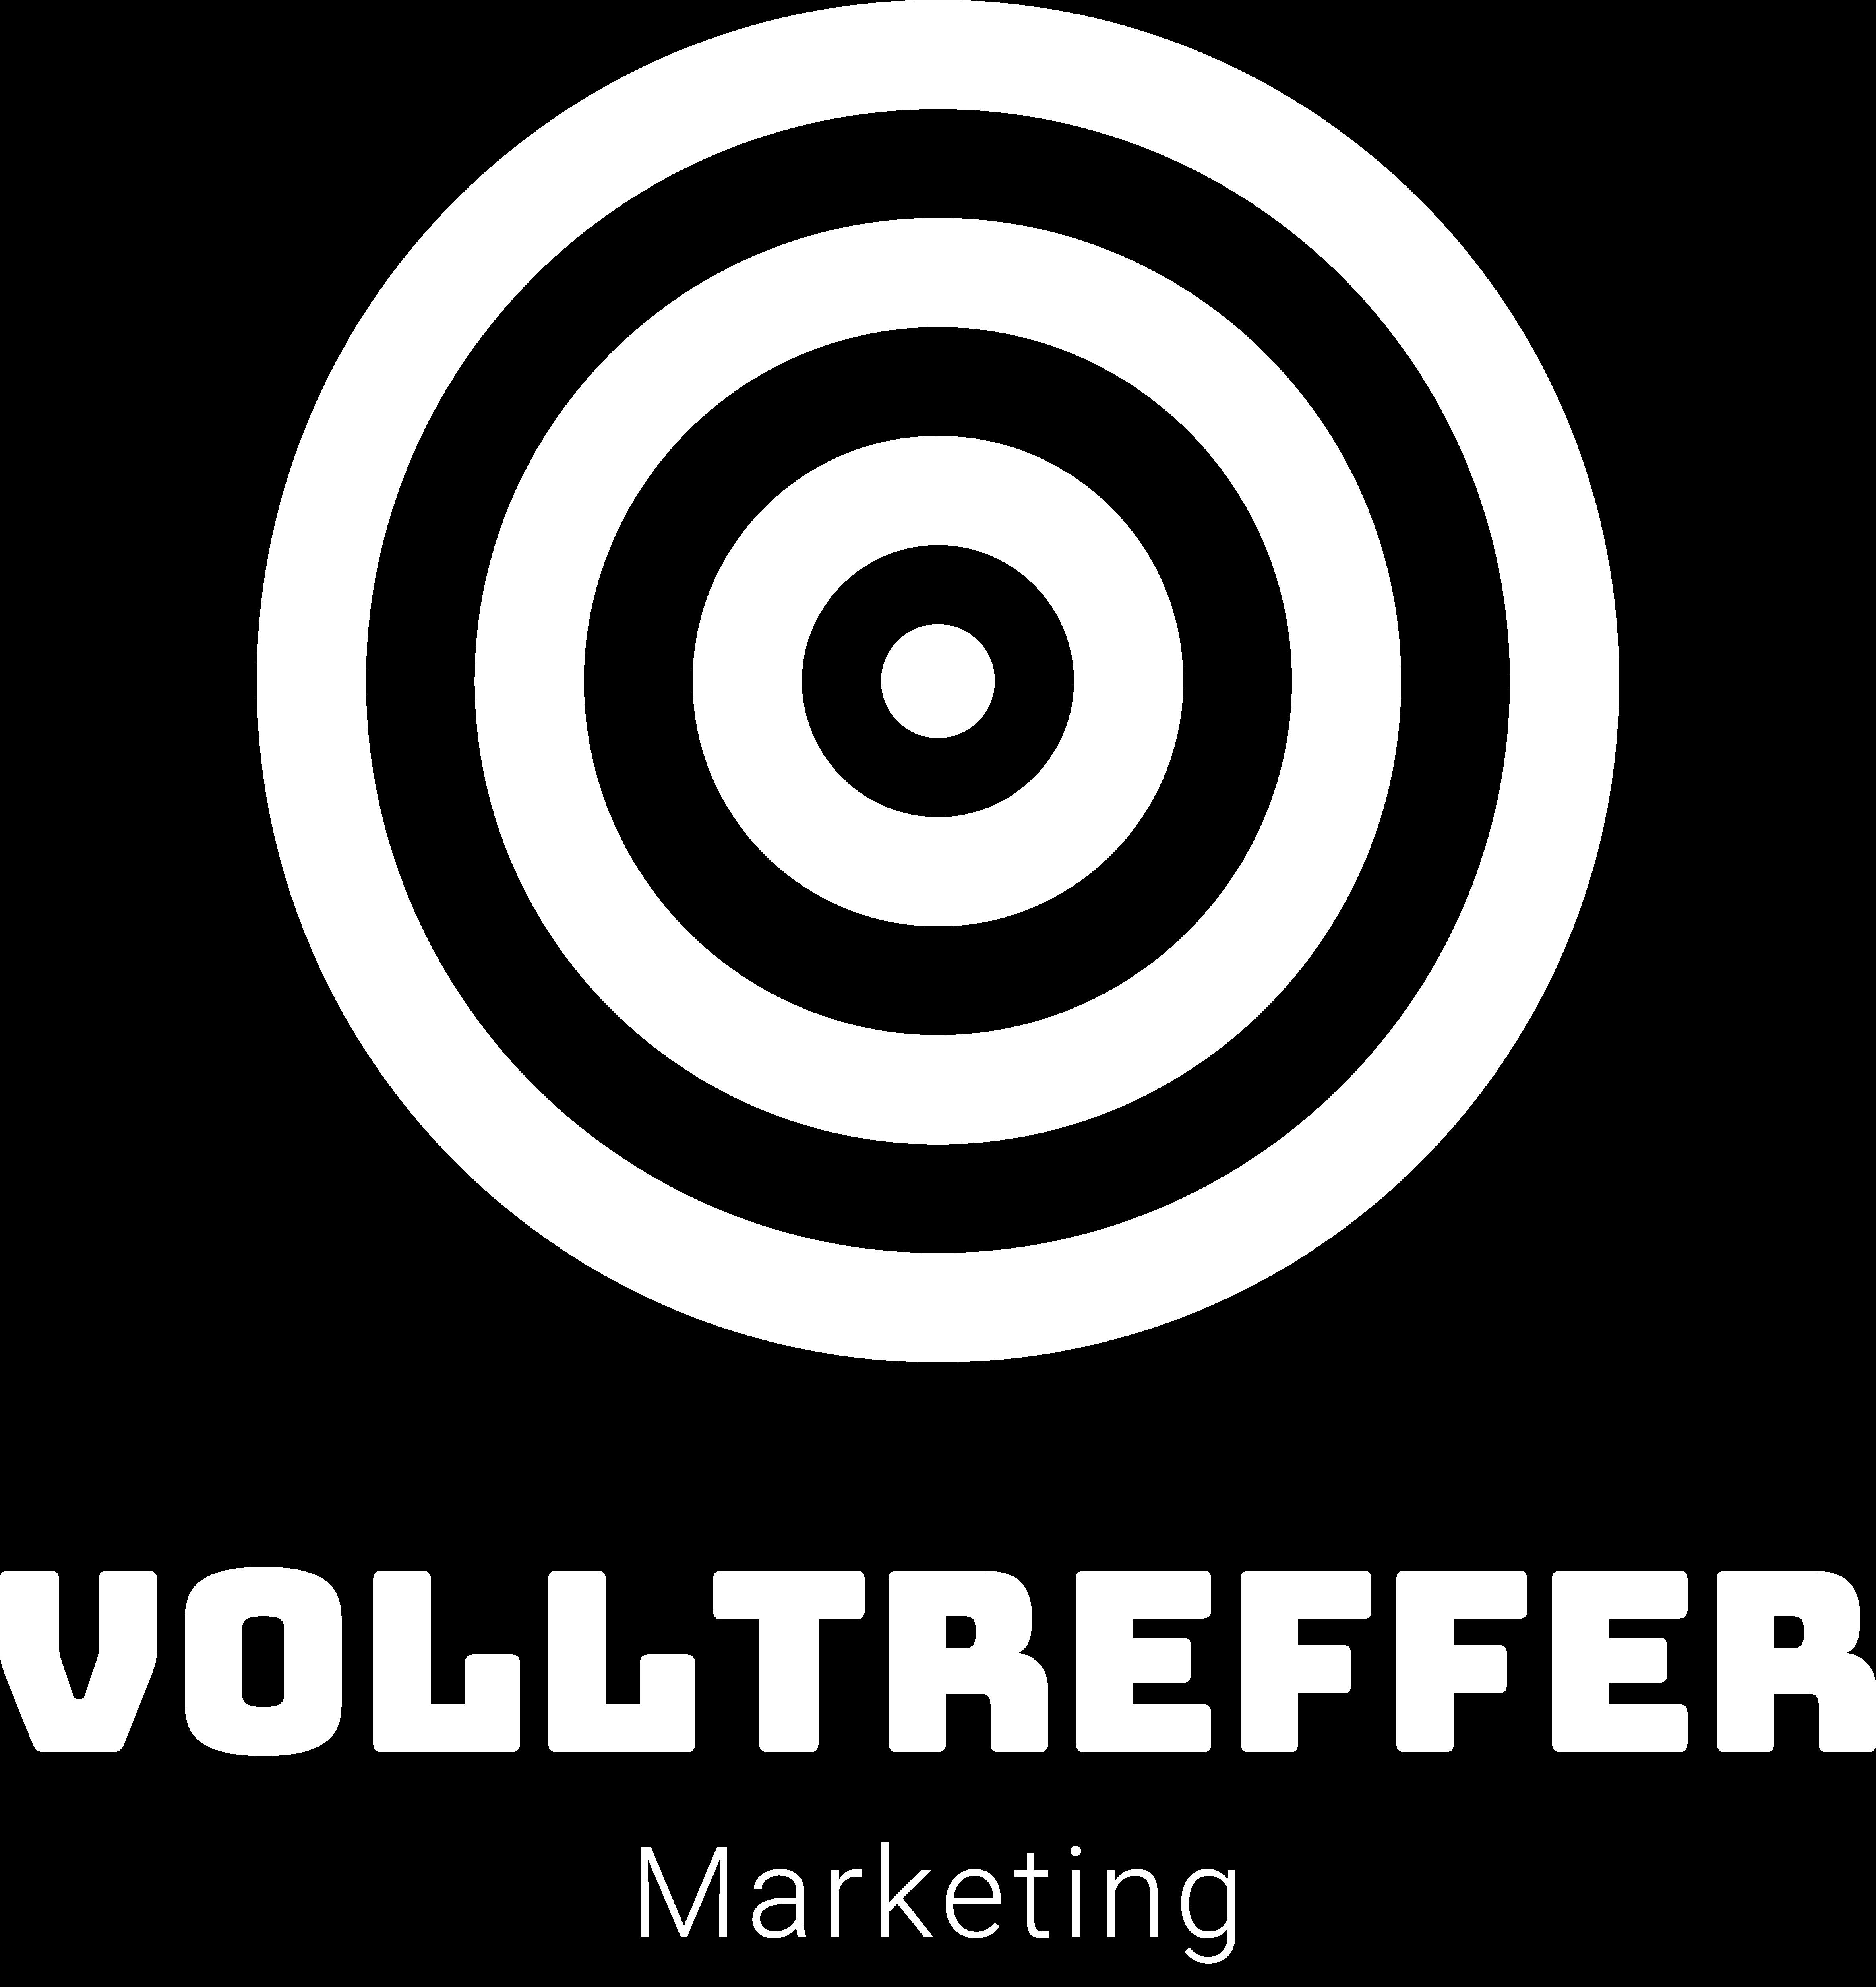 Agentur für Online Marketing, Social Media, Google- und Newslettermarketing in der Ostschweiz, Region Frauenfeld, Winterthur, Wil, St. Gallen & Thurgau.